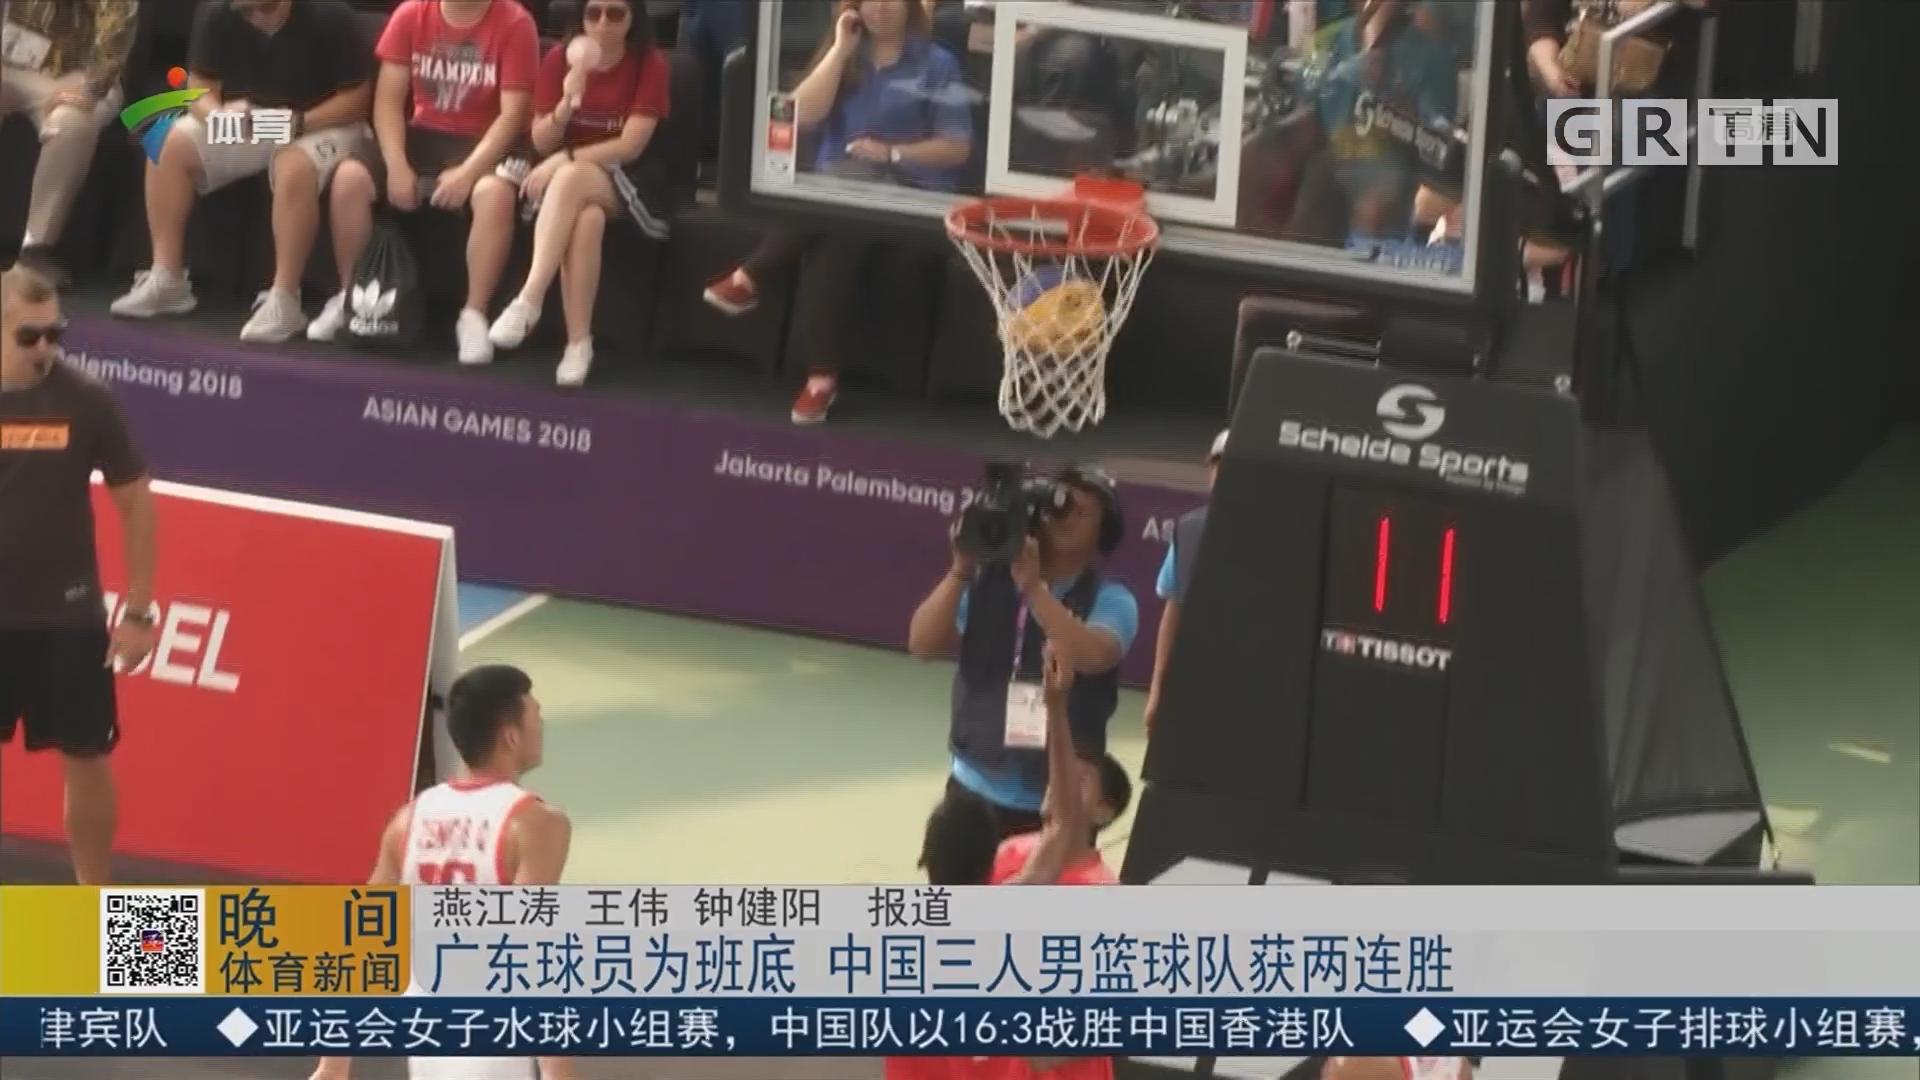 广东球员为班底 中国三人男篮球队获两连胜